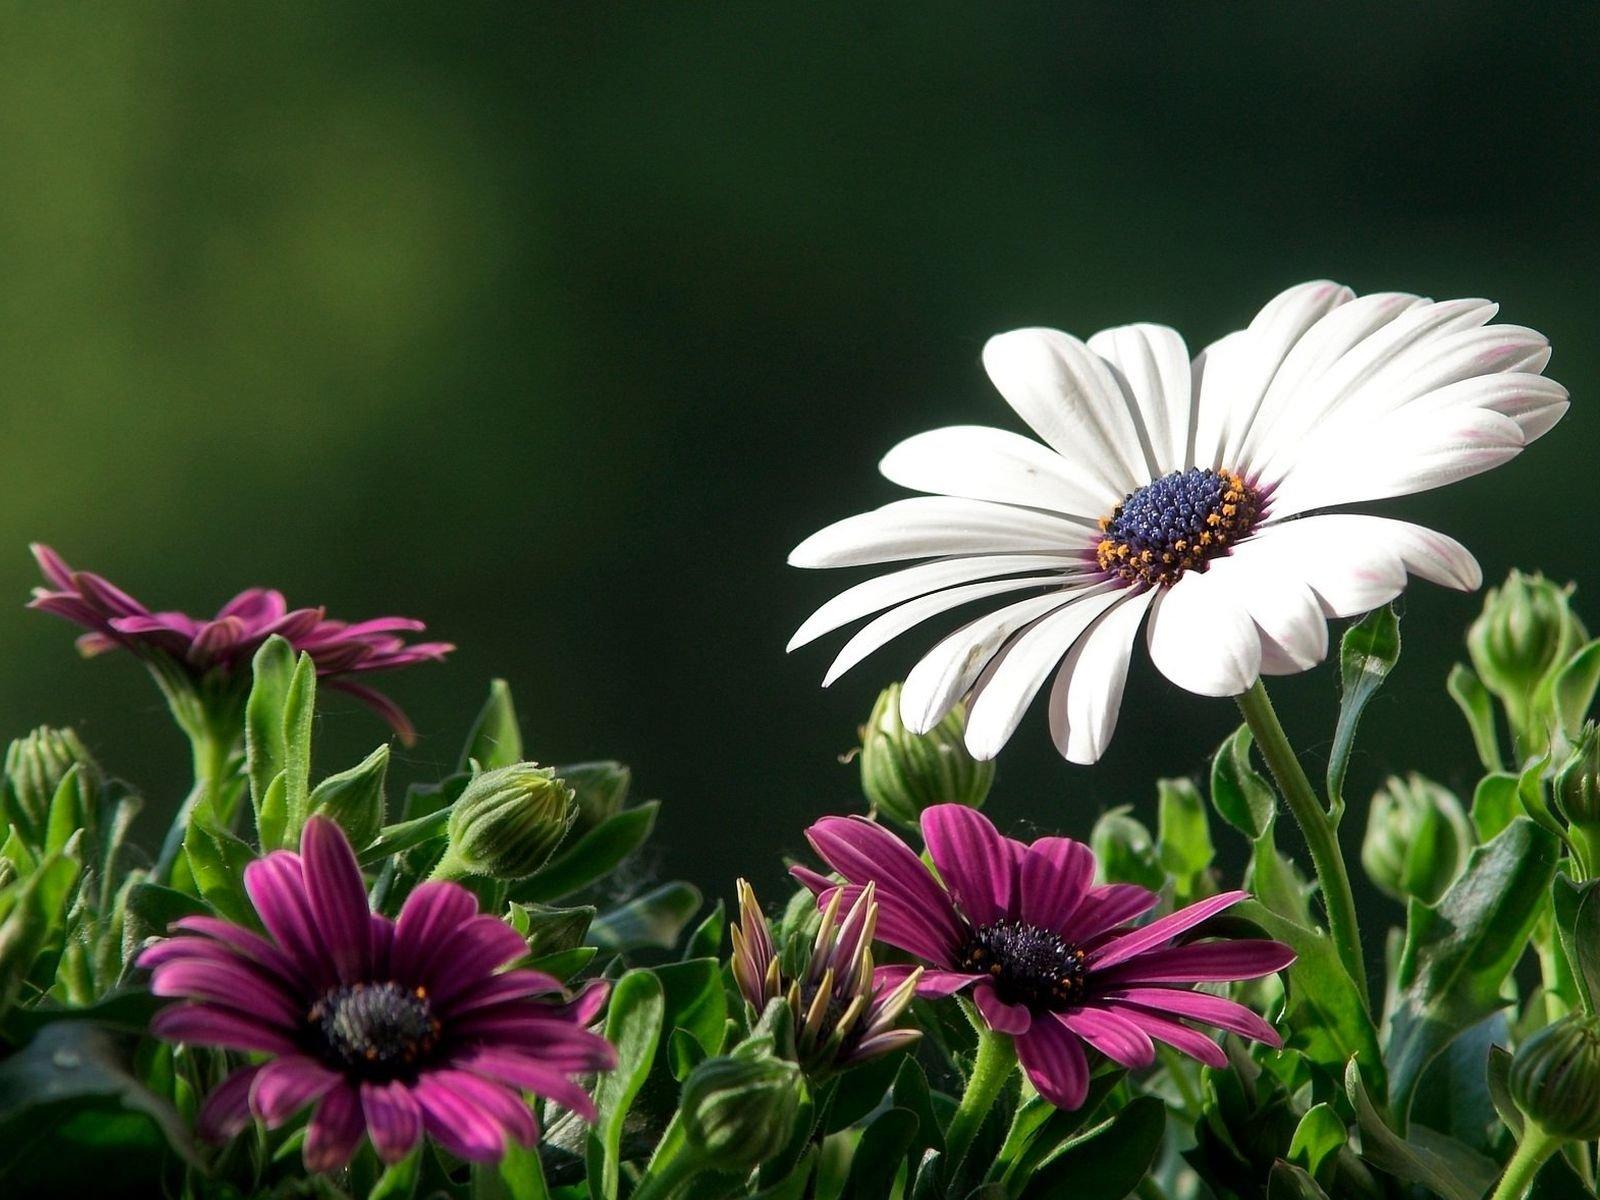 Flowers nature plant beautiful green flower wallpaper | 1600x1200 | 450960 | WallpaperUP